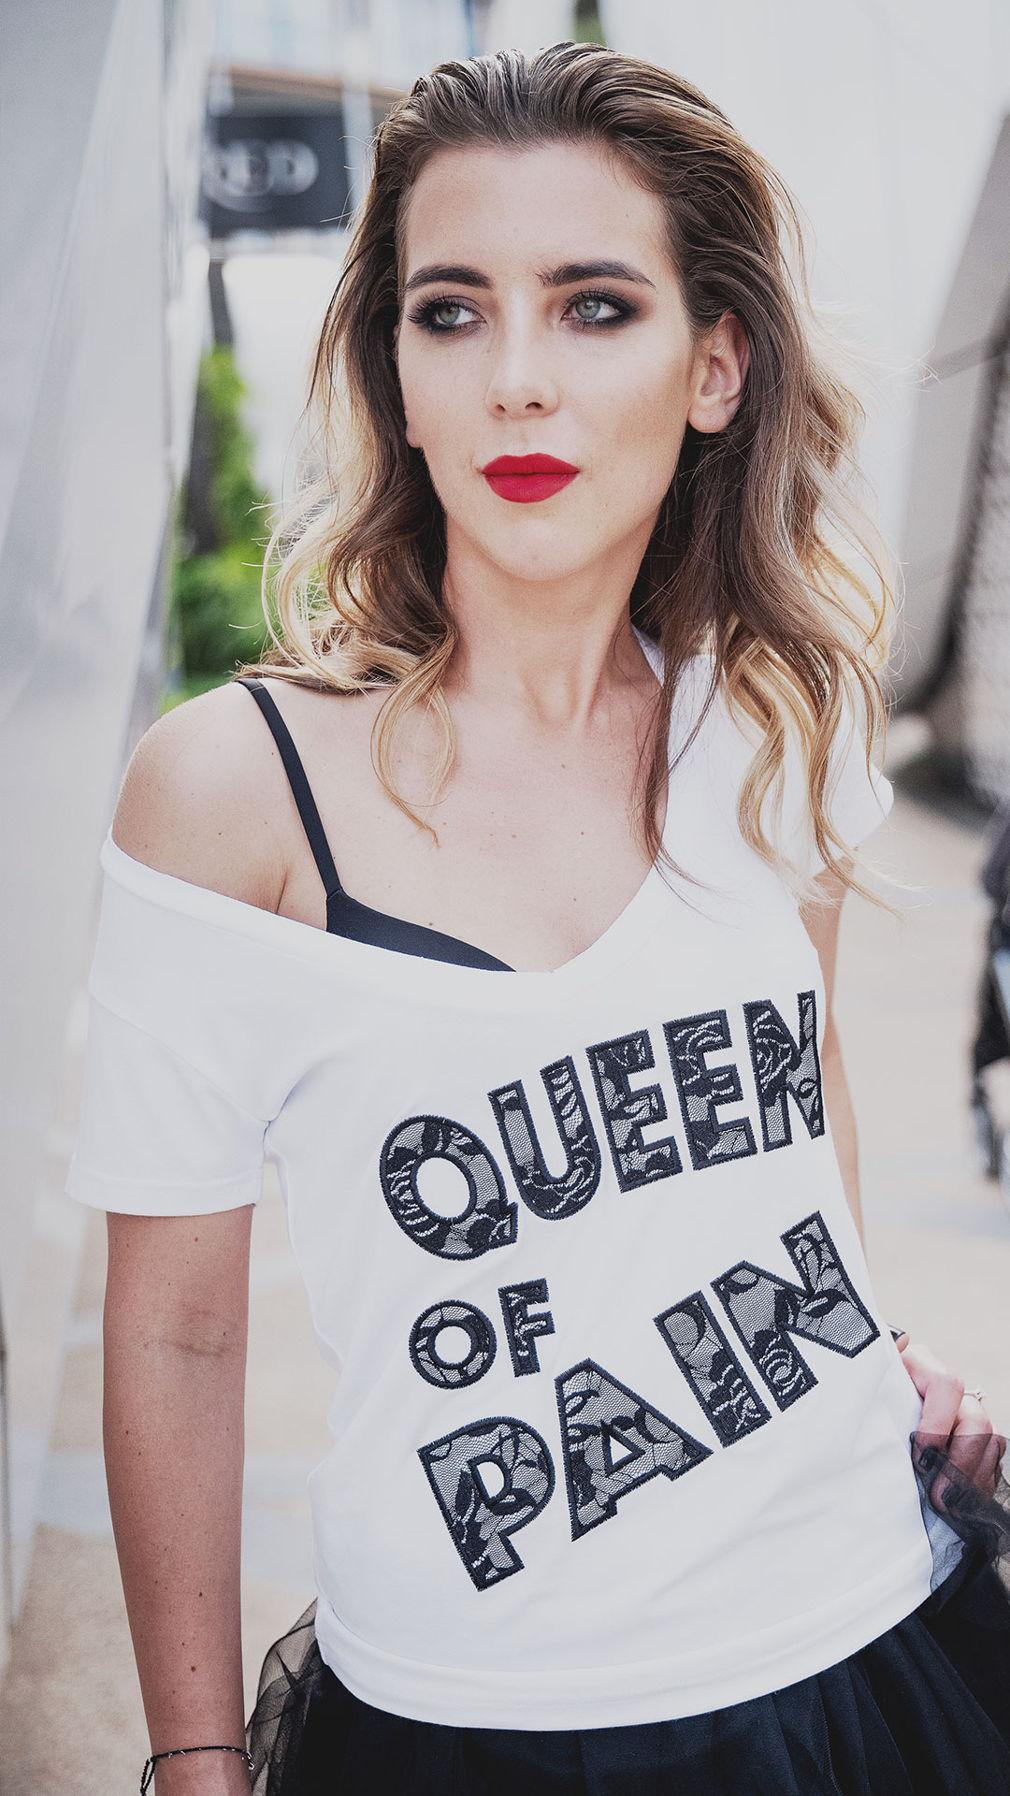 Футболка Queen of Pain